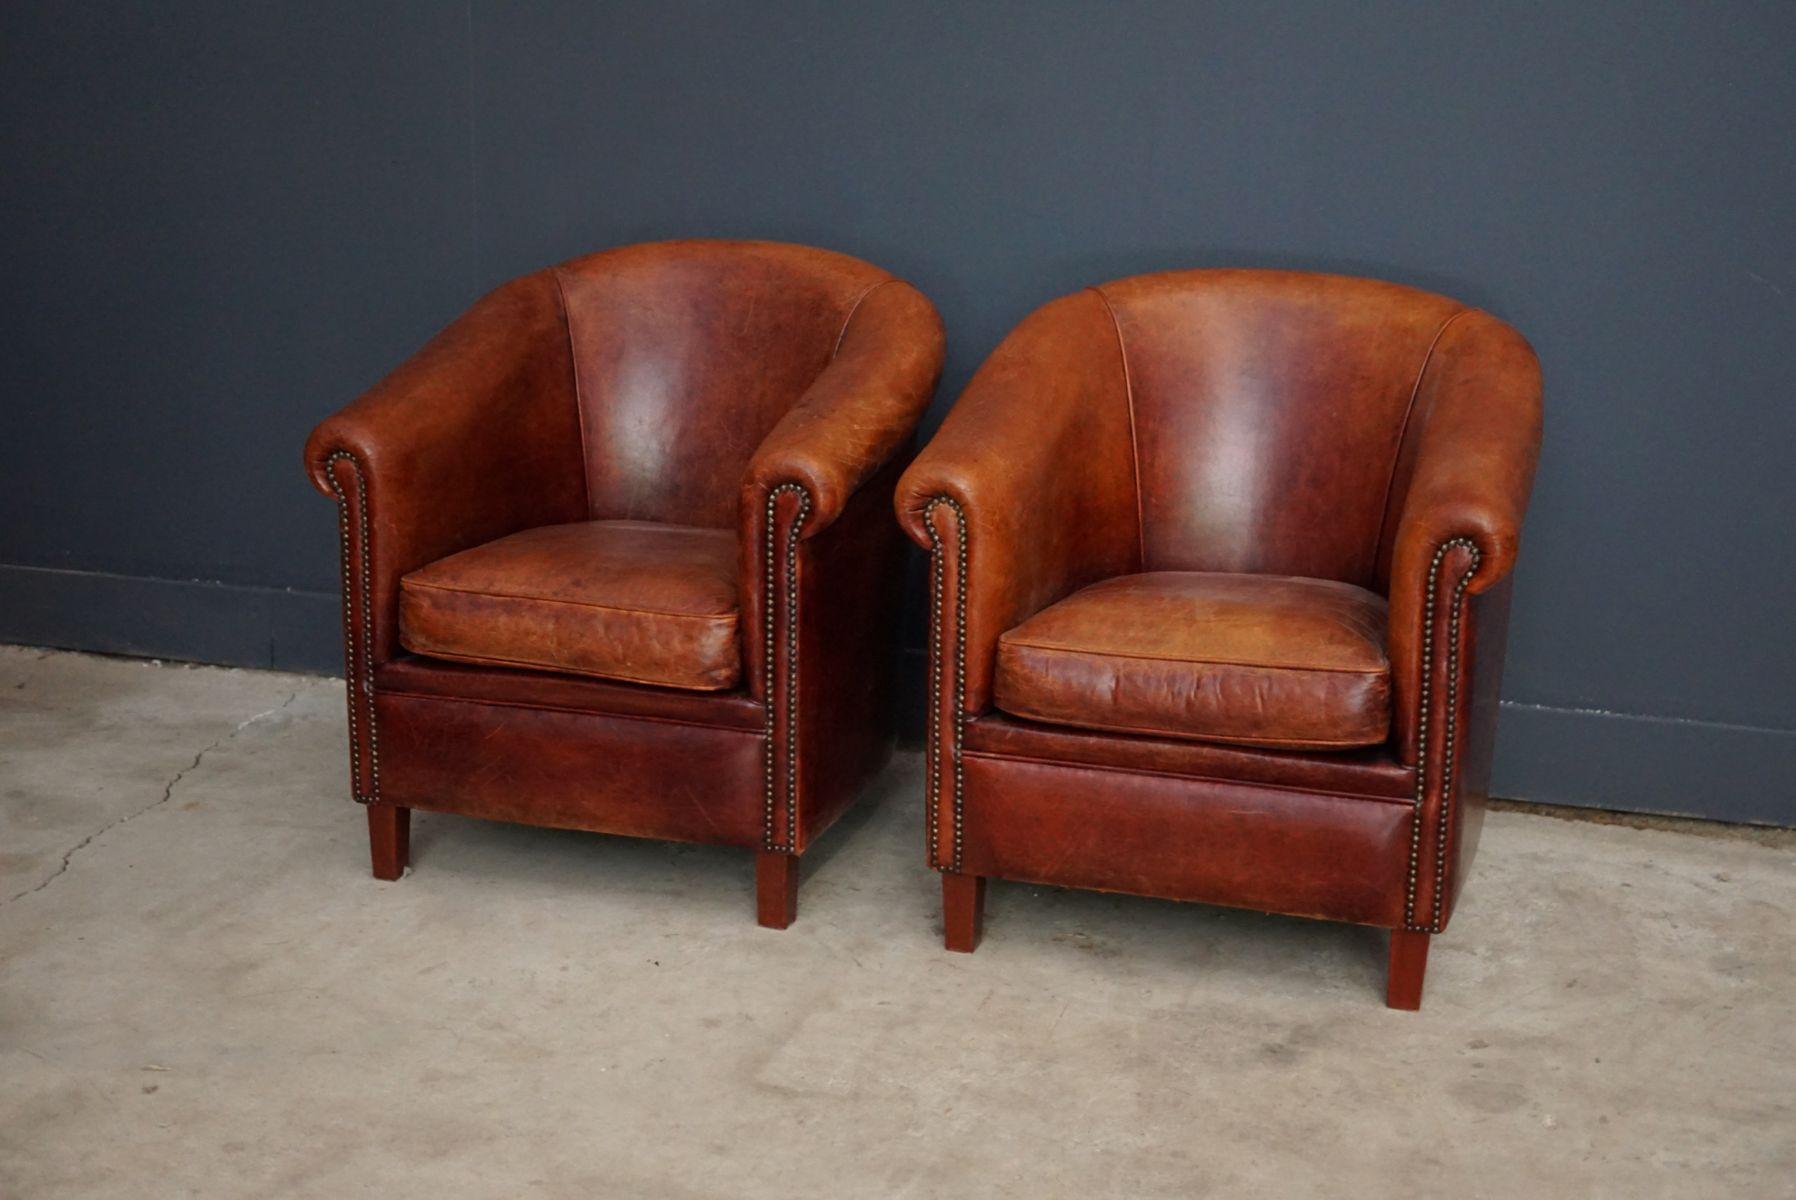 niederl ndische vintage cognac ledersessel 2er set bei pamono kaufen. Black Bedroom Furniture Sets. Home Design Ideas